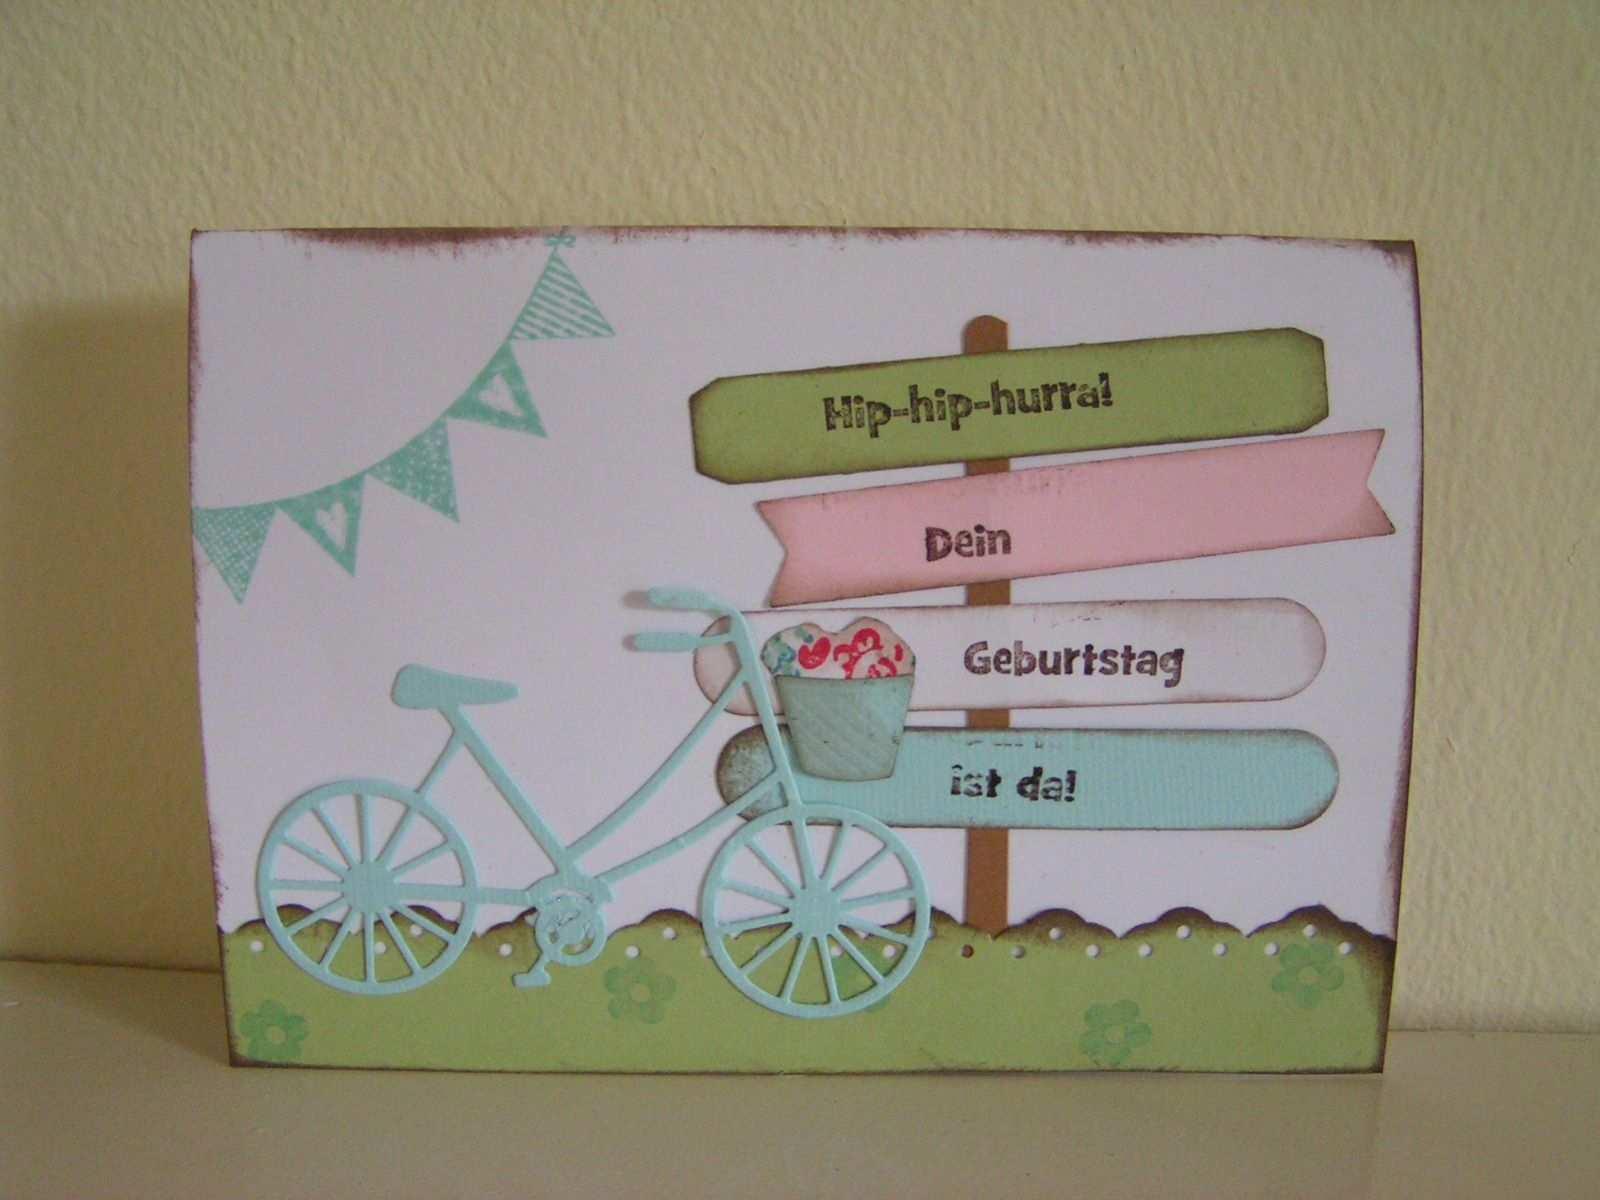 Geburtstagskarte Mit Fahrrad Von Memorybox Geburtstagskarte Fahrrad Basteln Karten